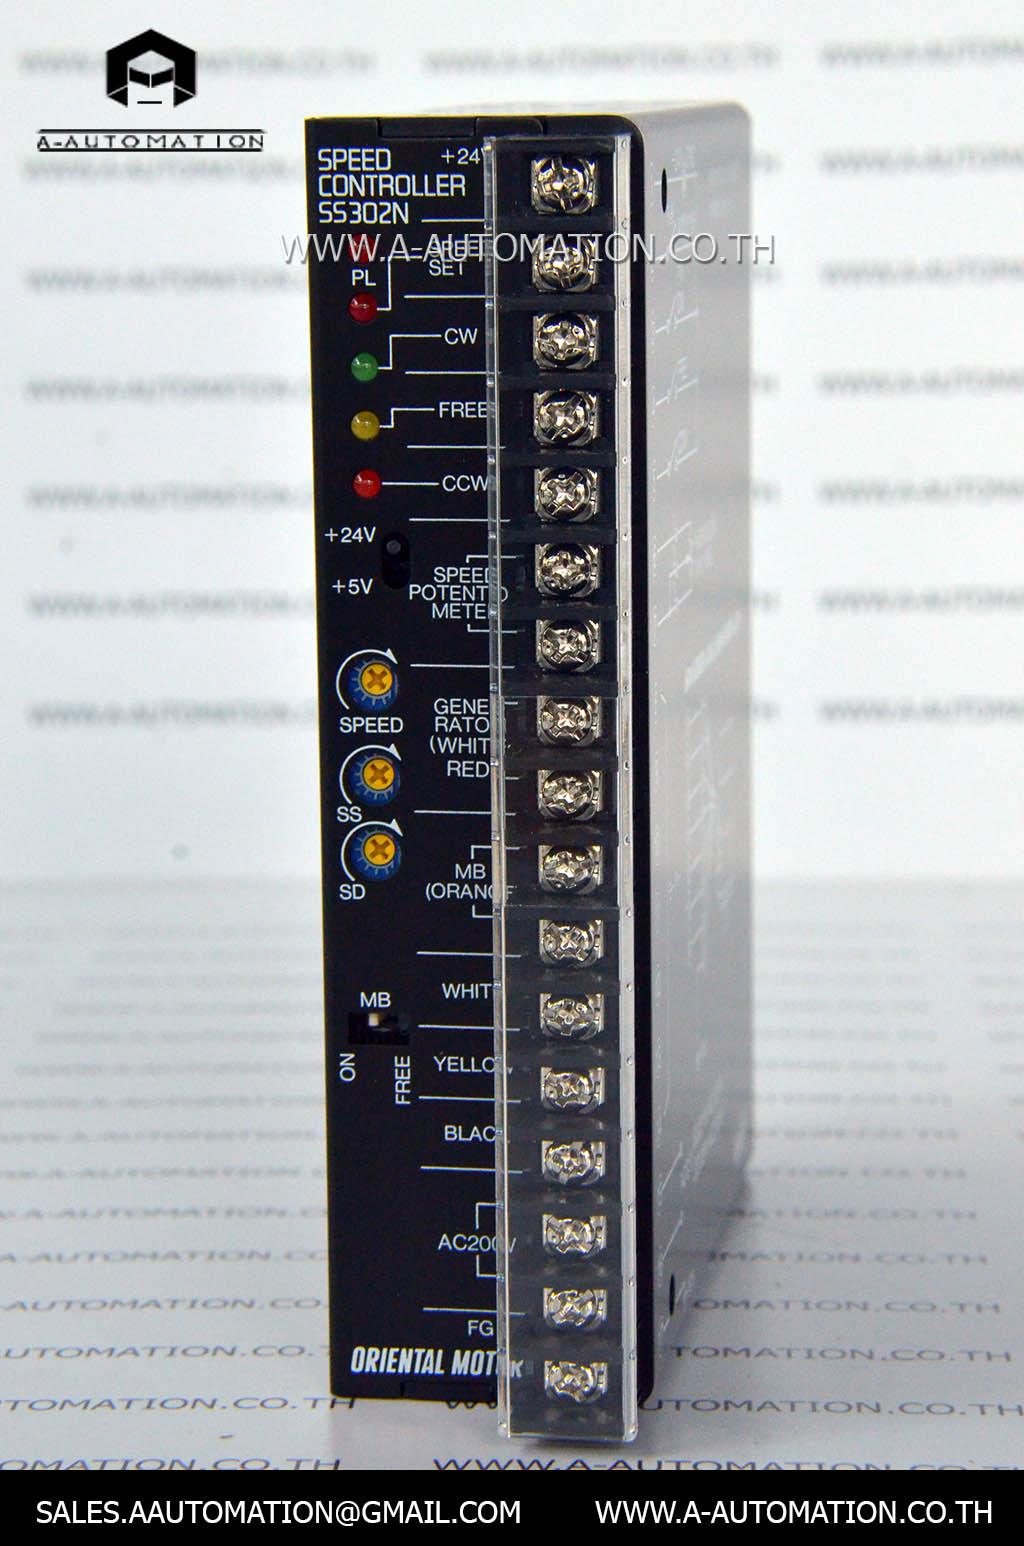 SPEED CONTROLLER MODEL:SS302N [ORIENTAL MOTOR]